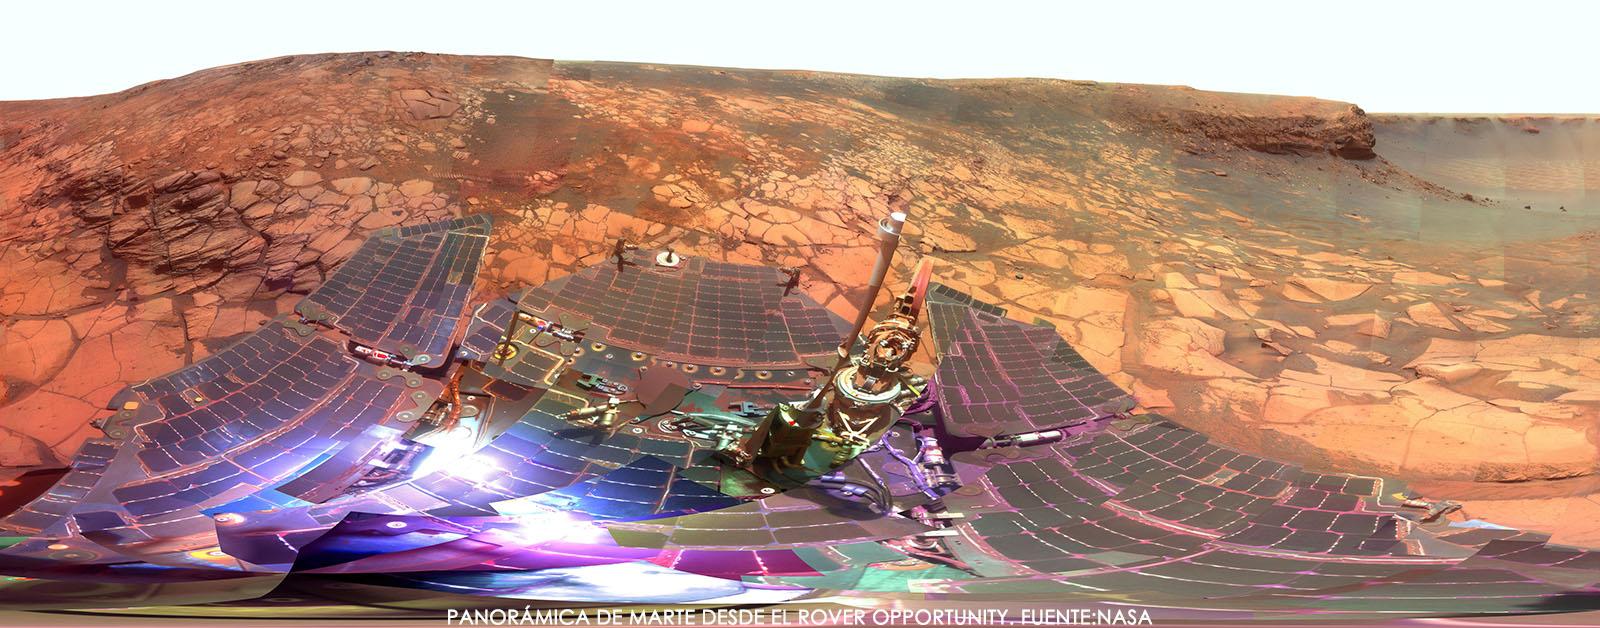 Panorámica marciana desde el rover Opportunity